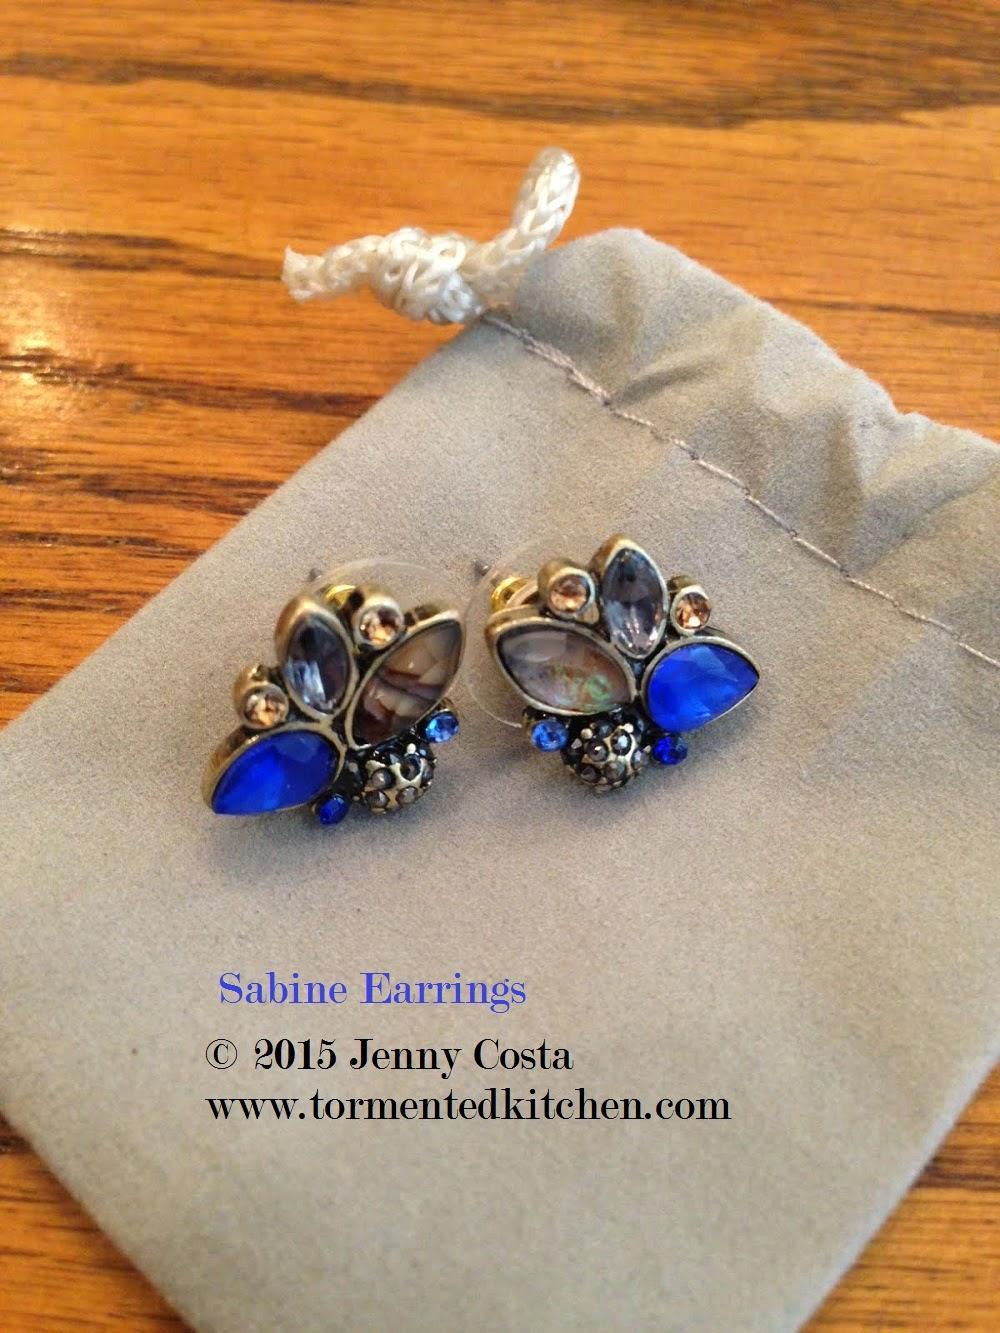 Sunset Seine earrings